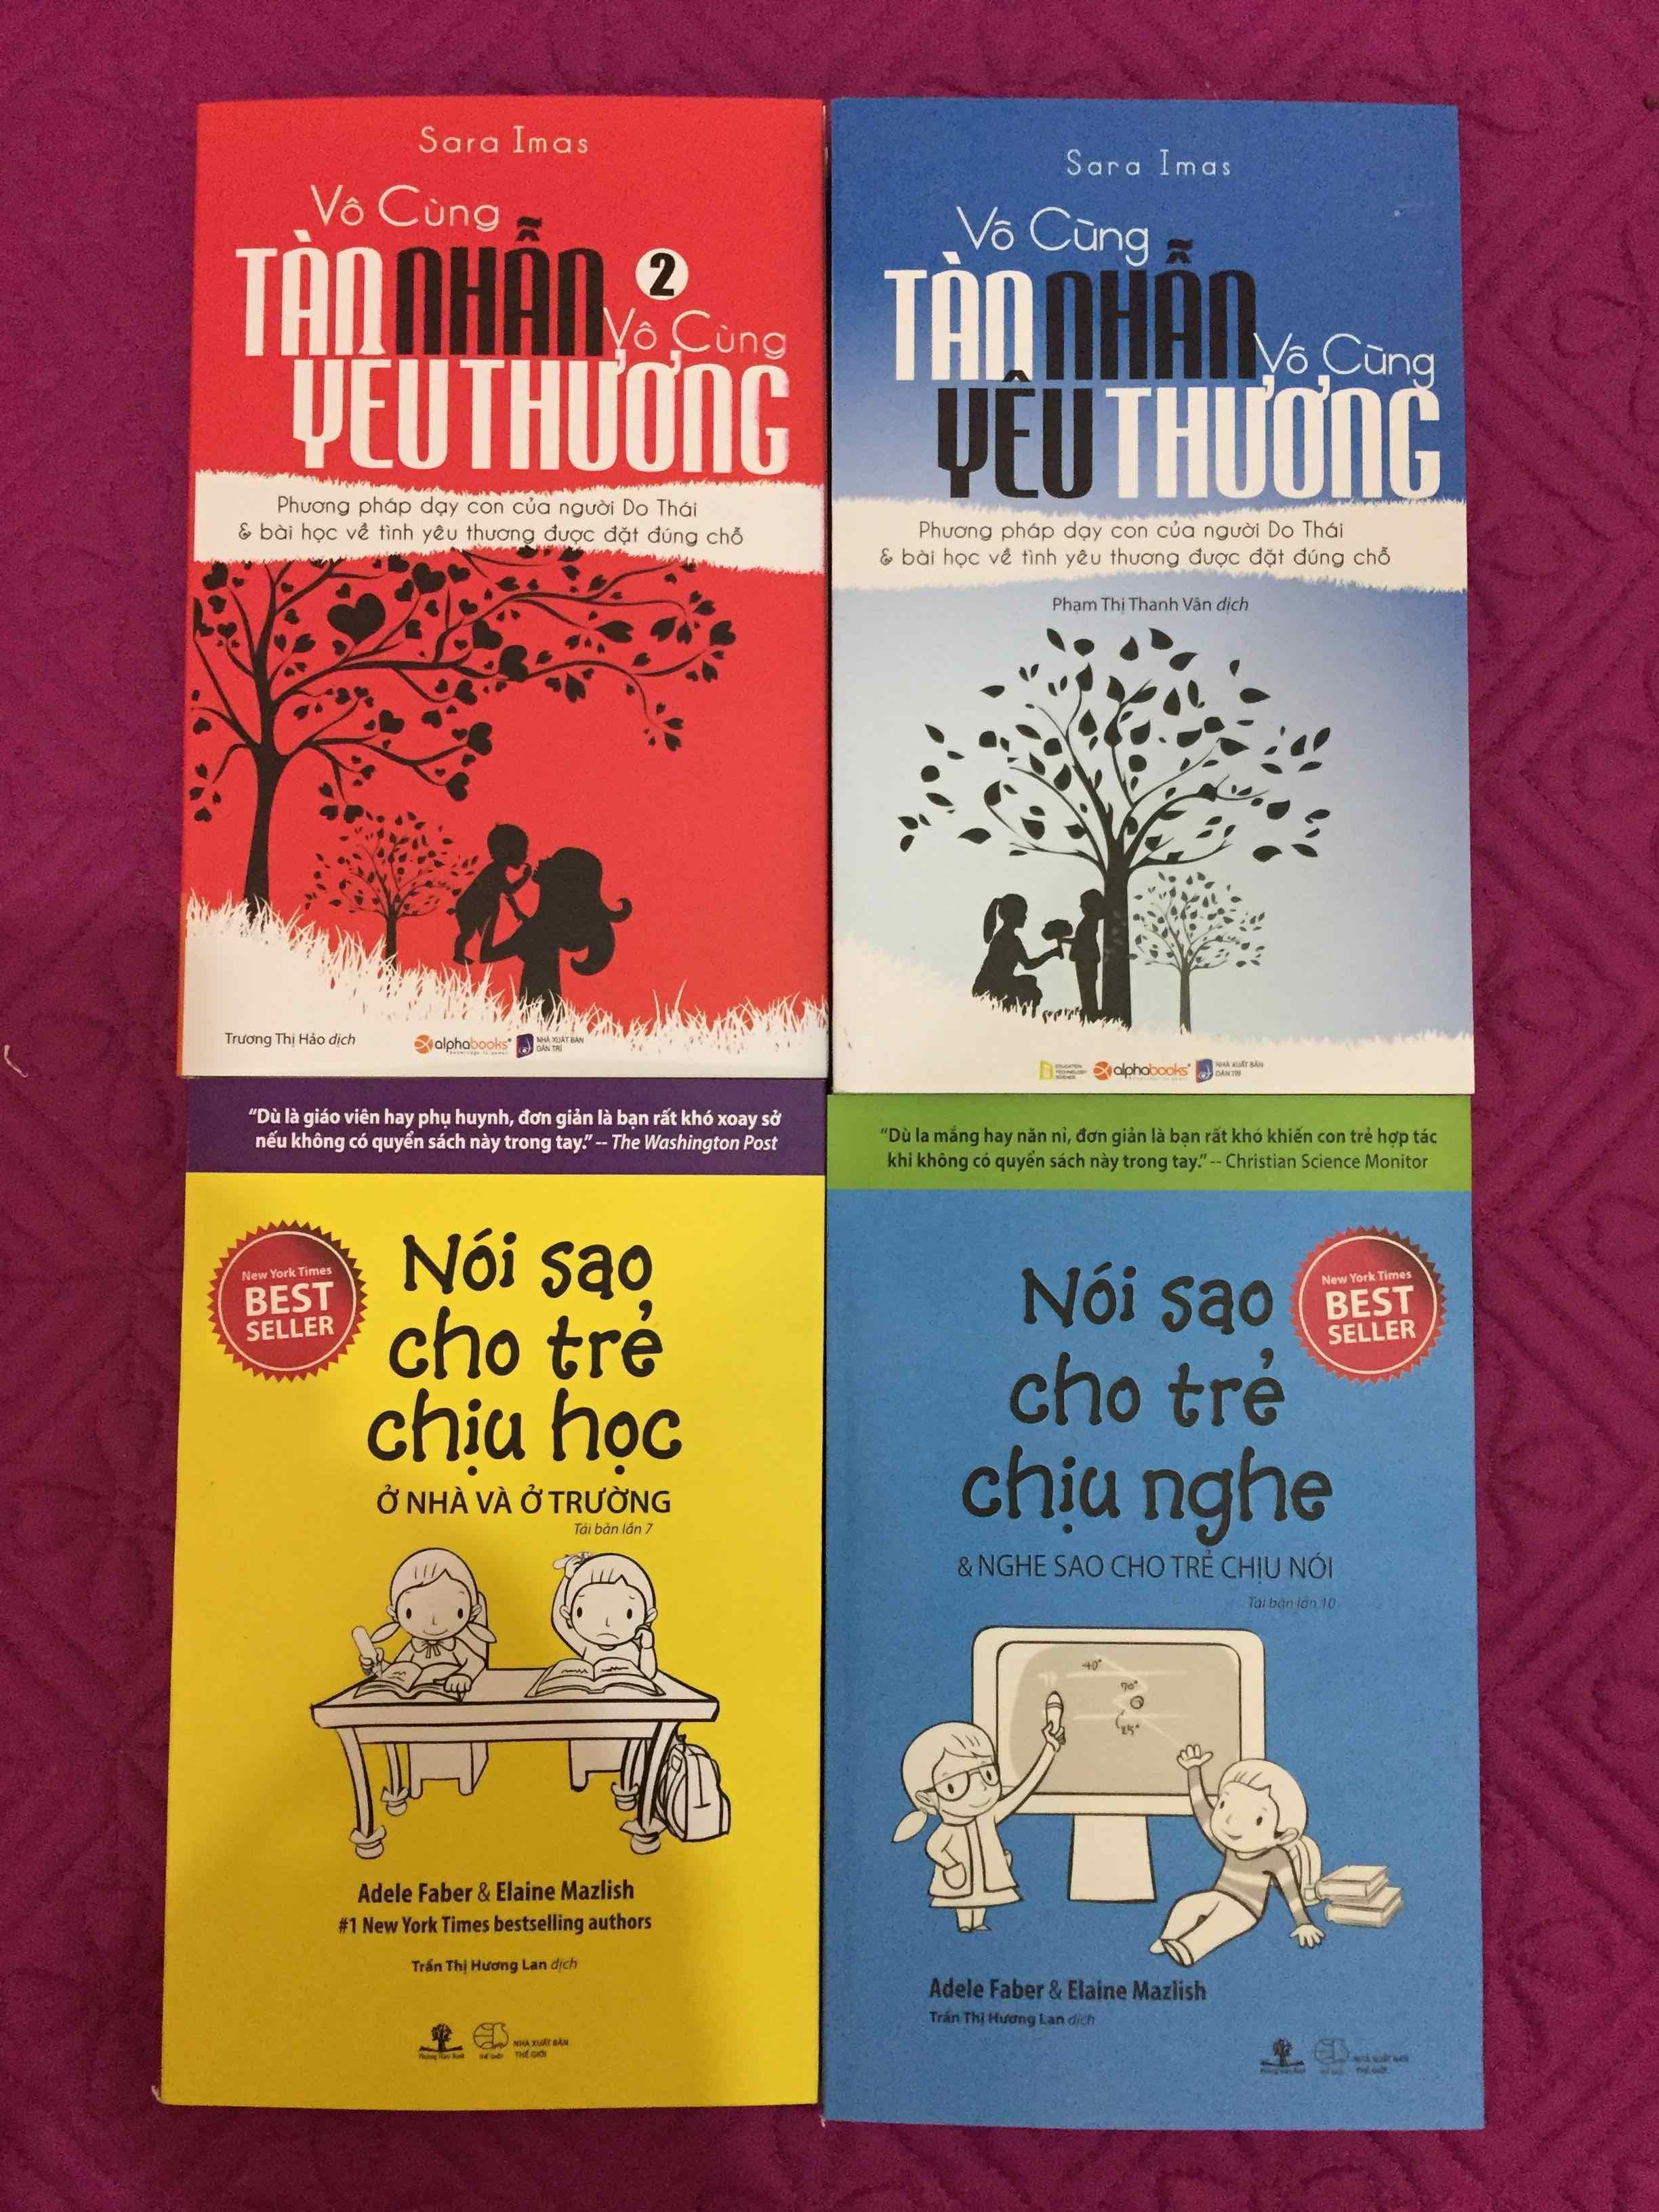 Combo 4 cuốn: Vô cùng tàn nhẫn vô cùng yêu thương (Bộ 2 cuốn), Nói sao cho trẻ chịu nghe & Nói sao cho trẻ chịu học Nhật Bản